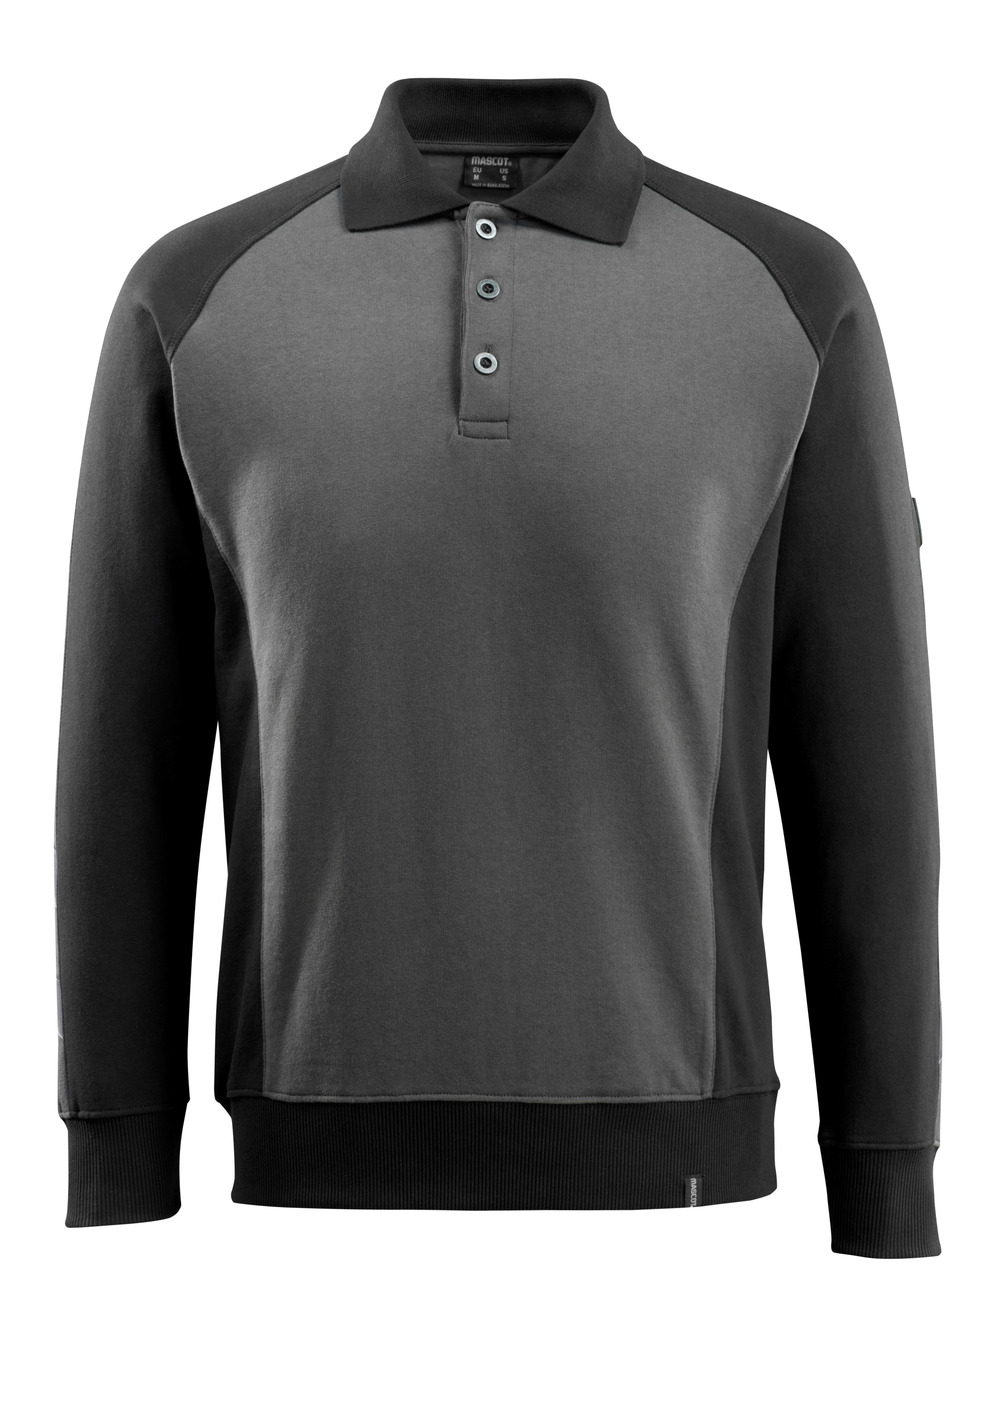 50610-962-1809 Sweatshirt polo - Anthracite foncé/Noir